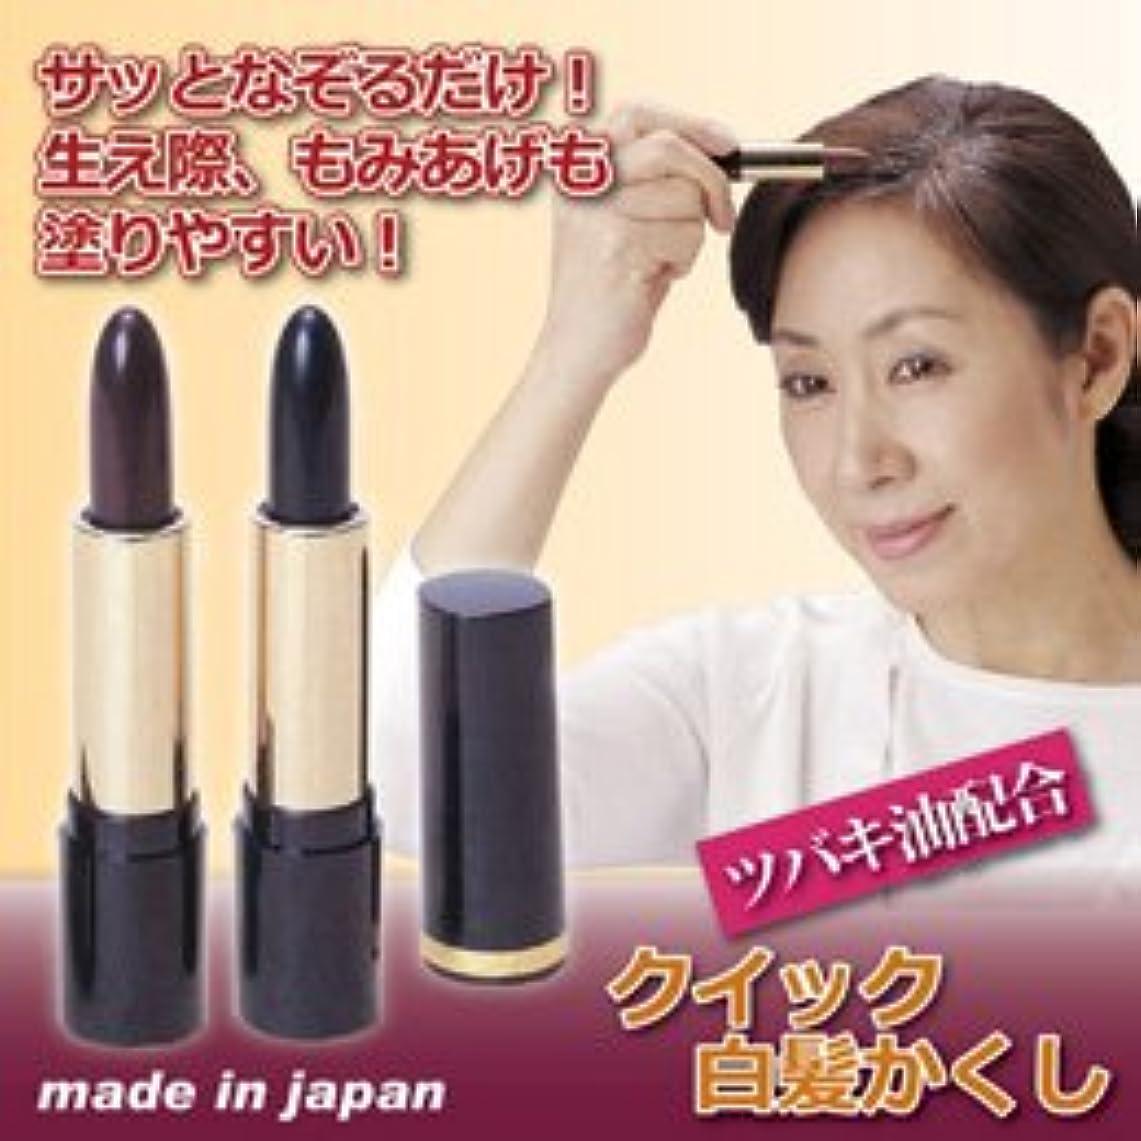 疾患備品宇宙の大阪化粧品 クイック白髪かくし ブラウン 8078232